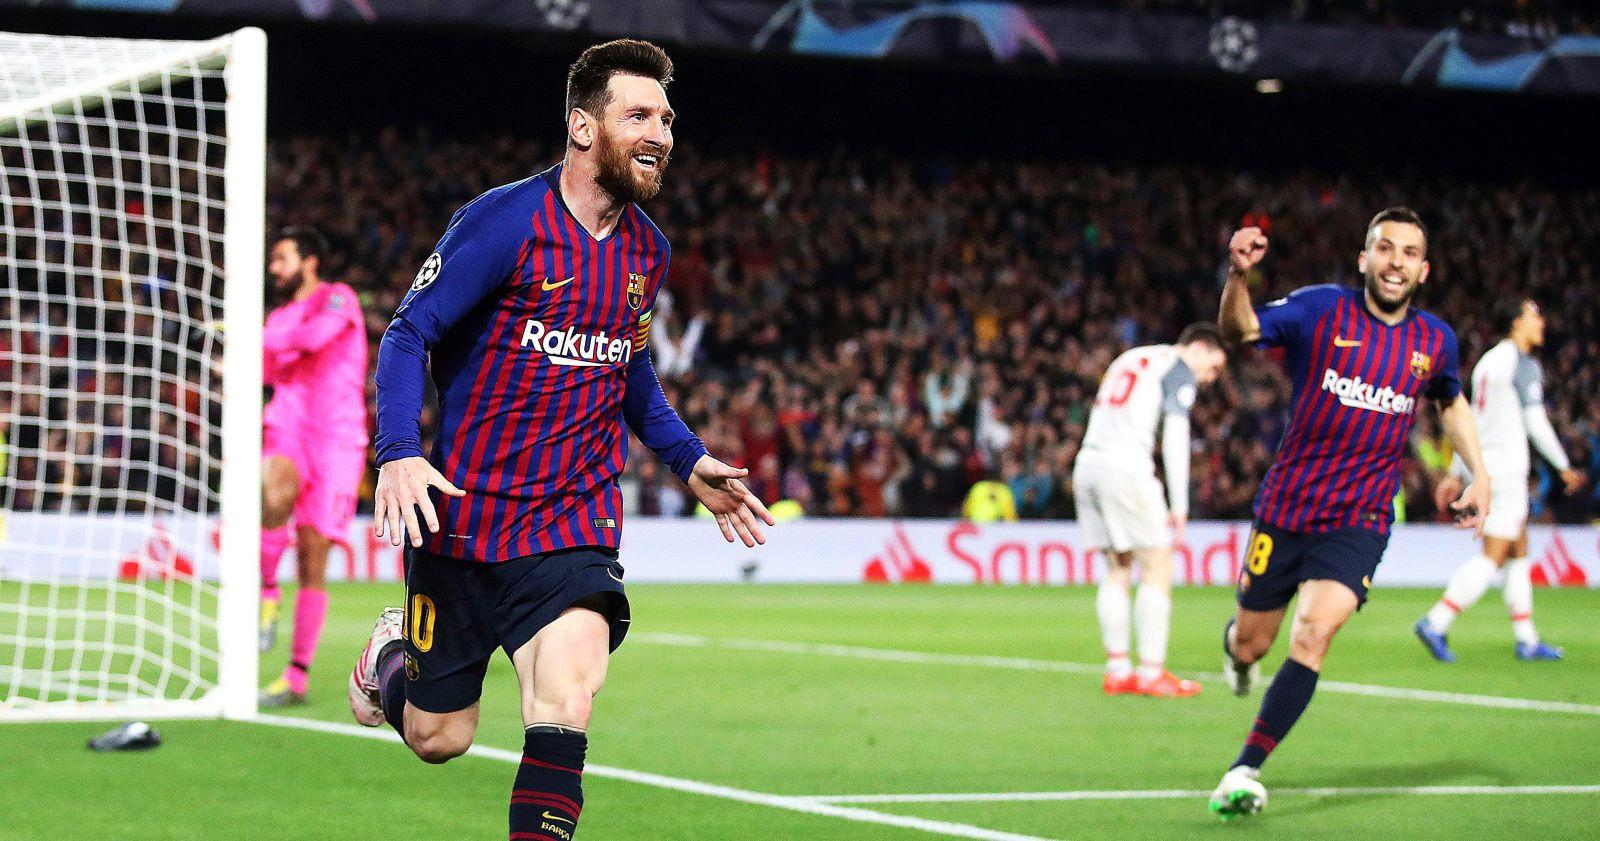 Oferta del Manchester City a Lionel Messi incluiría opción de retiro en Estados Unidos